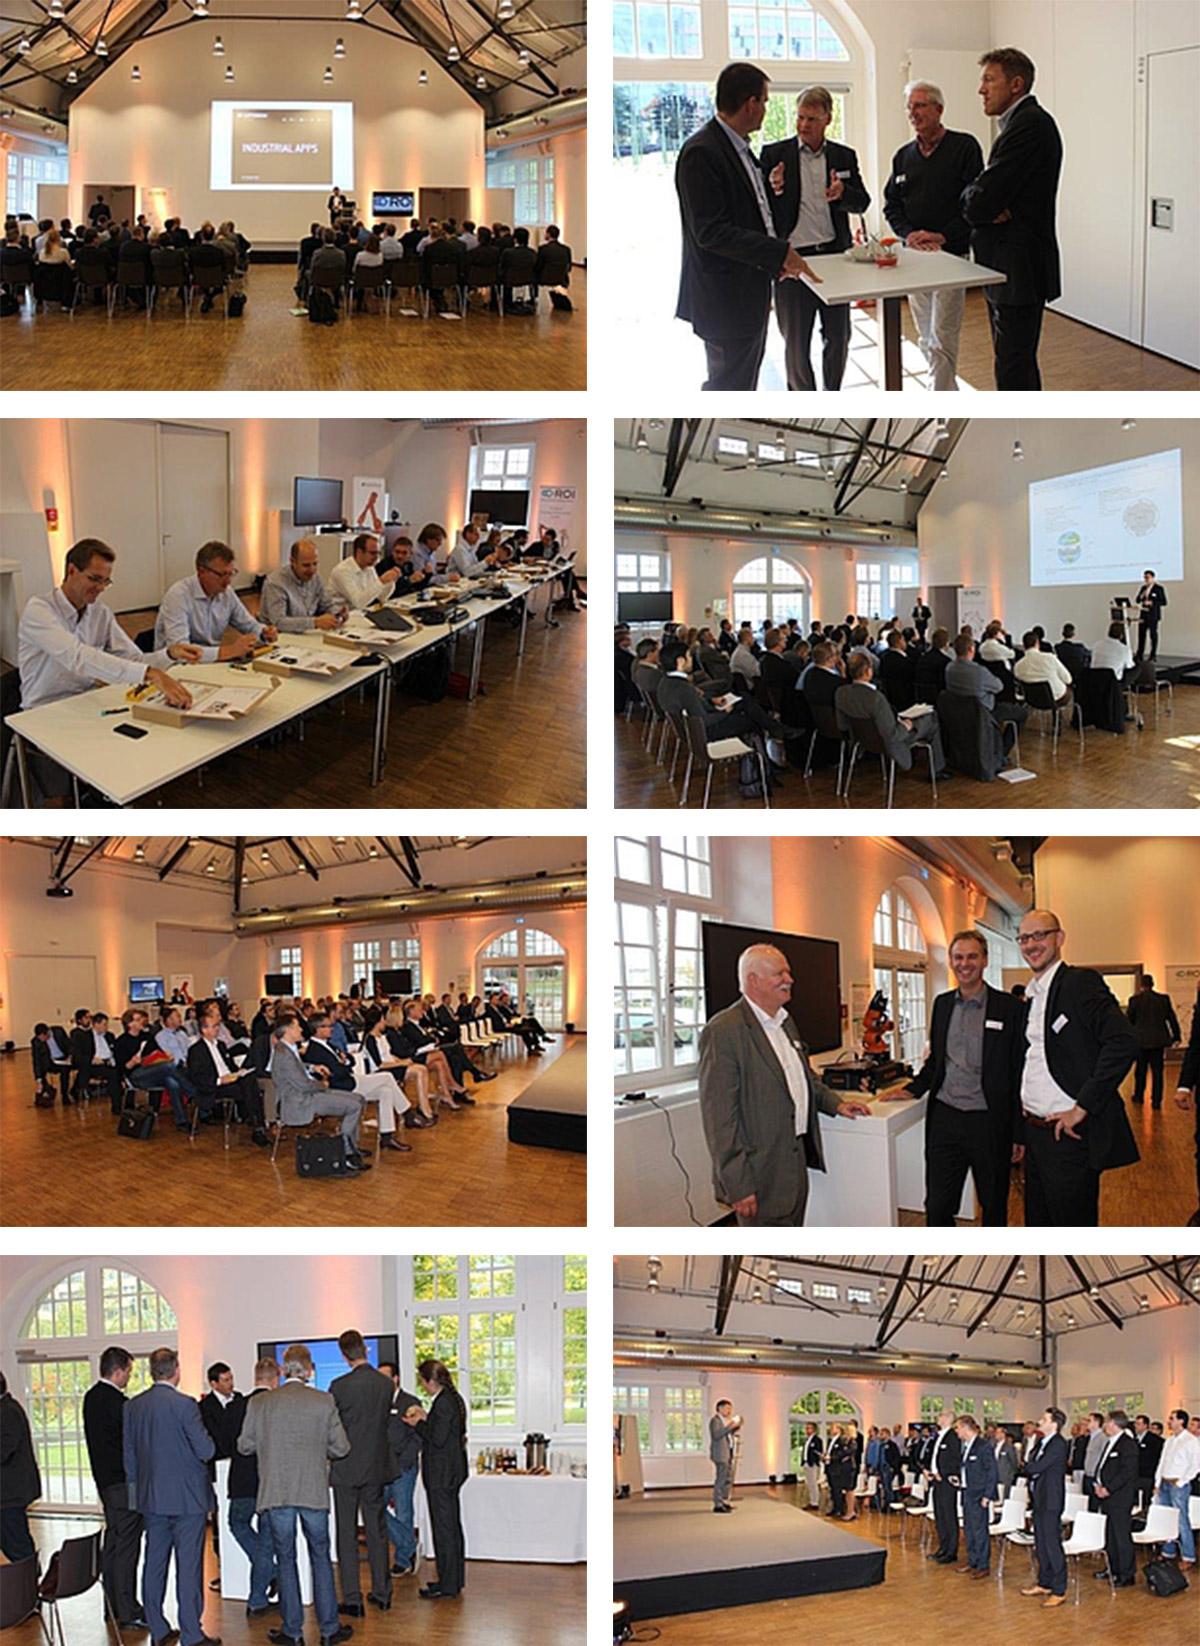 [Translate to English:] Bilder des Workshops ROI Industrie 4.0 Konkret